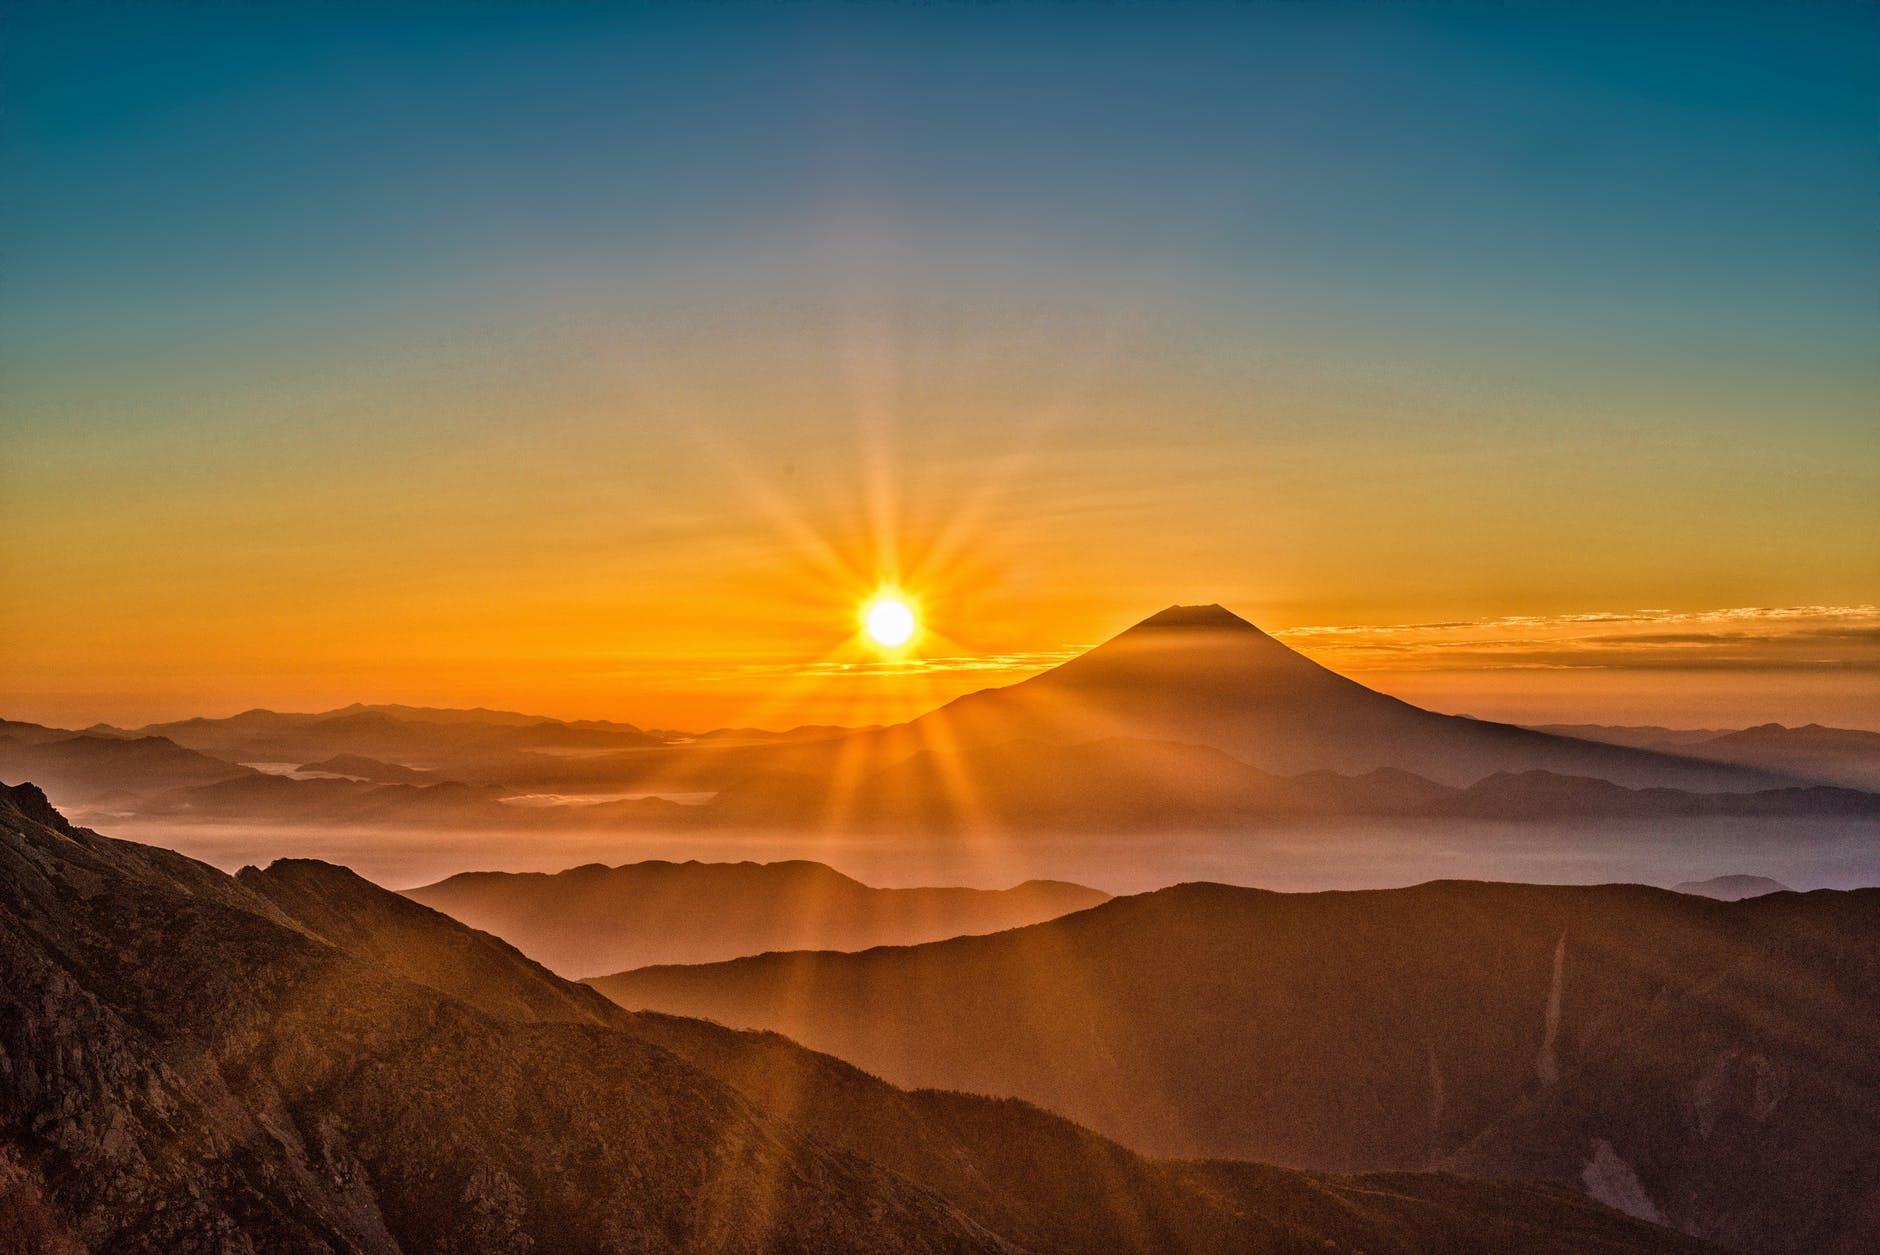 clouds dawn desert landscape